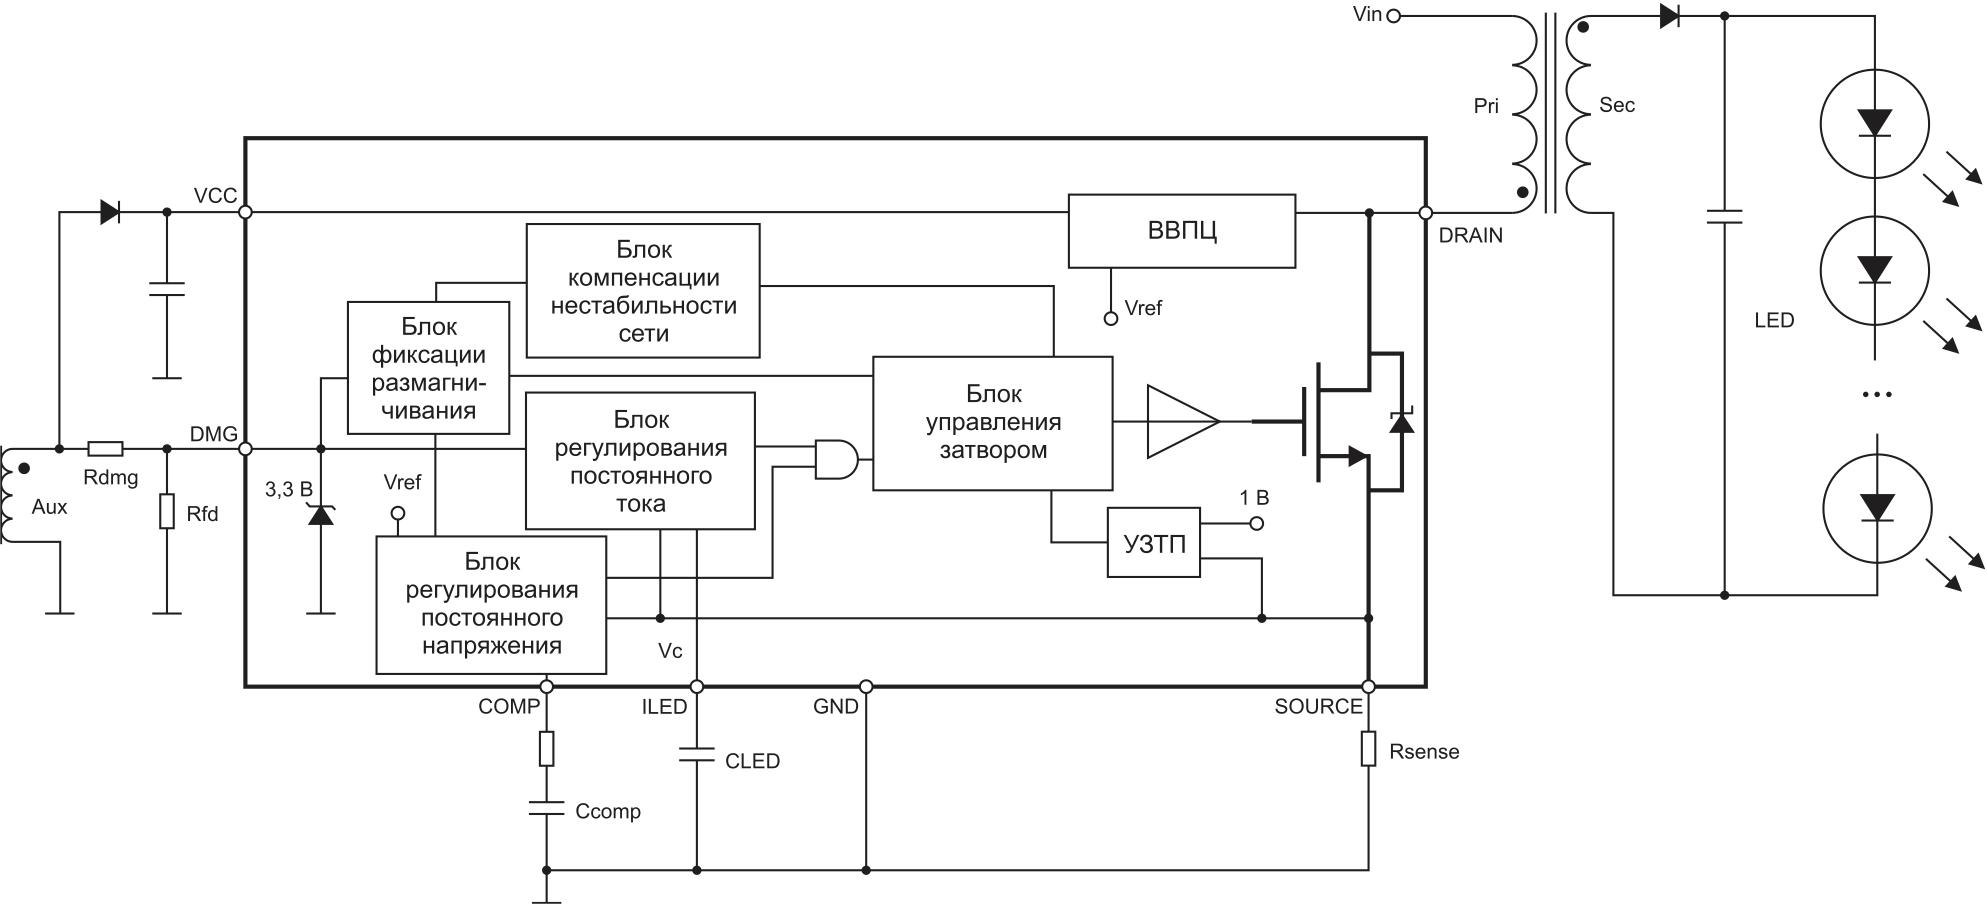 Структура микросхемы ATLAIR (HVLED) и вариант ее применения